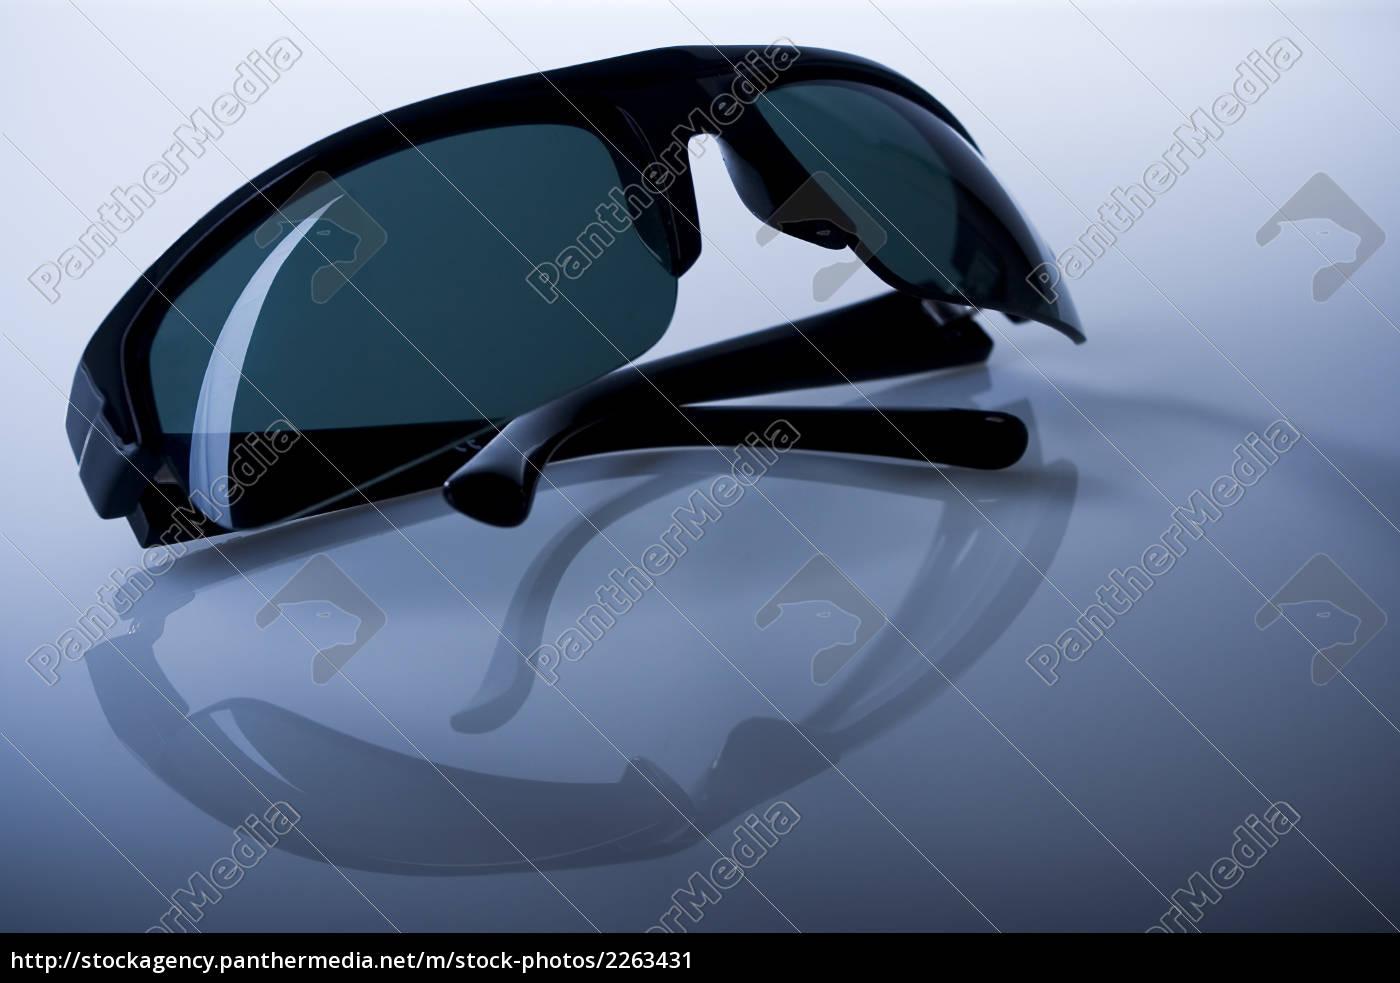 sun, glasses - 2263431